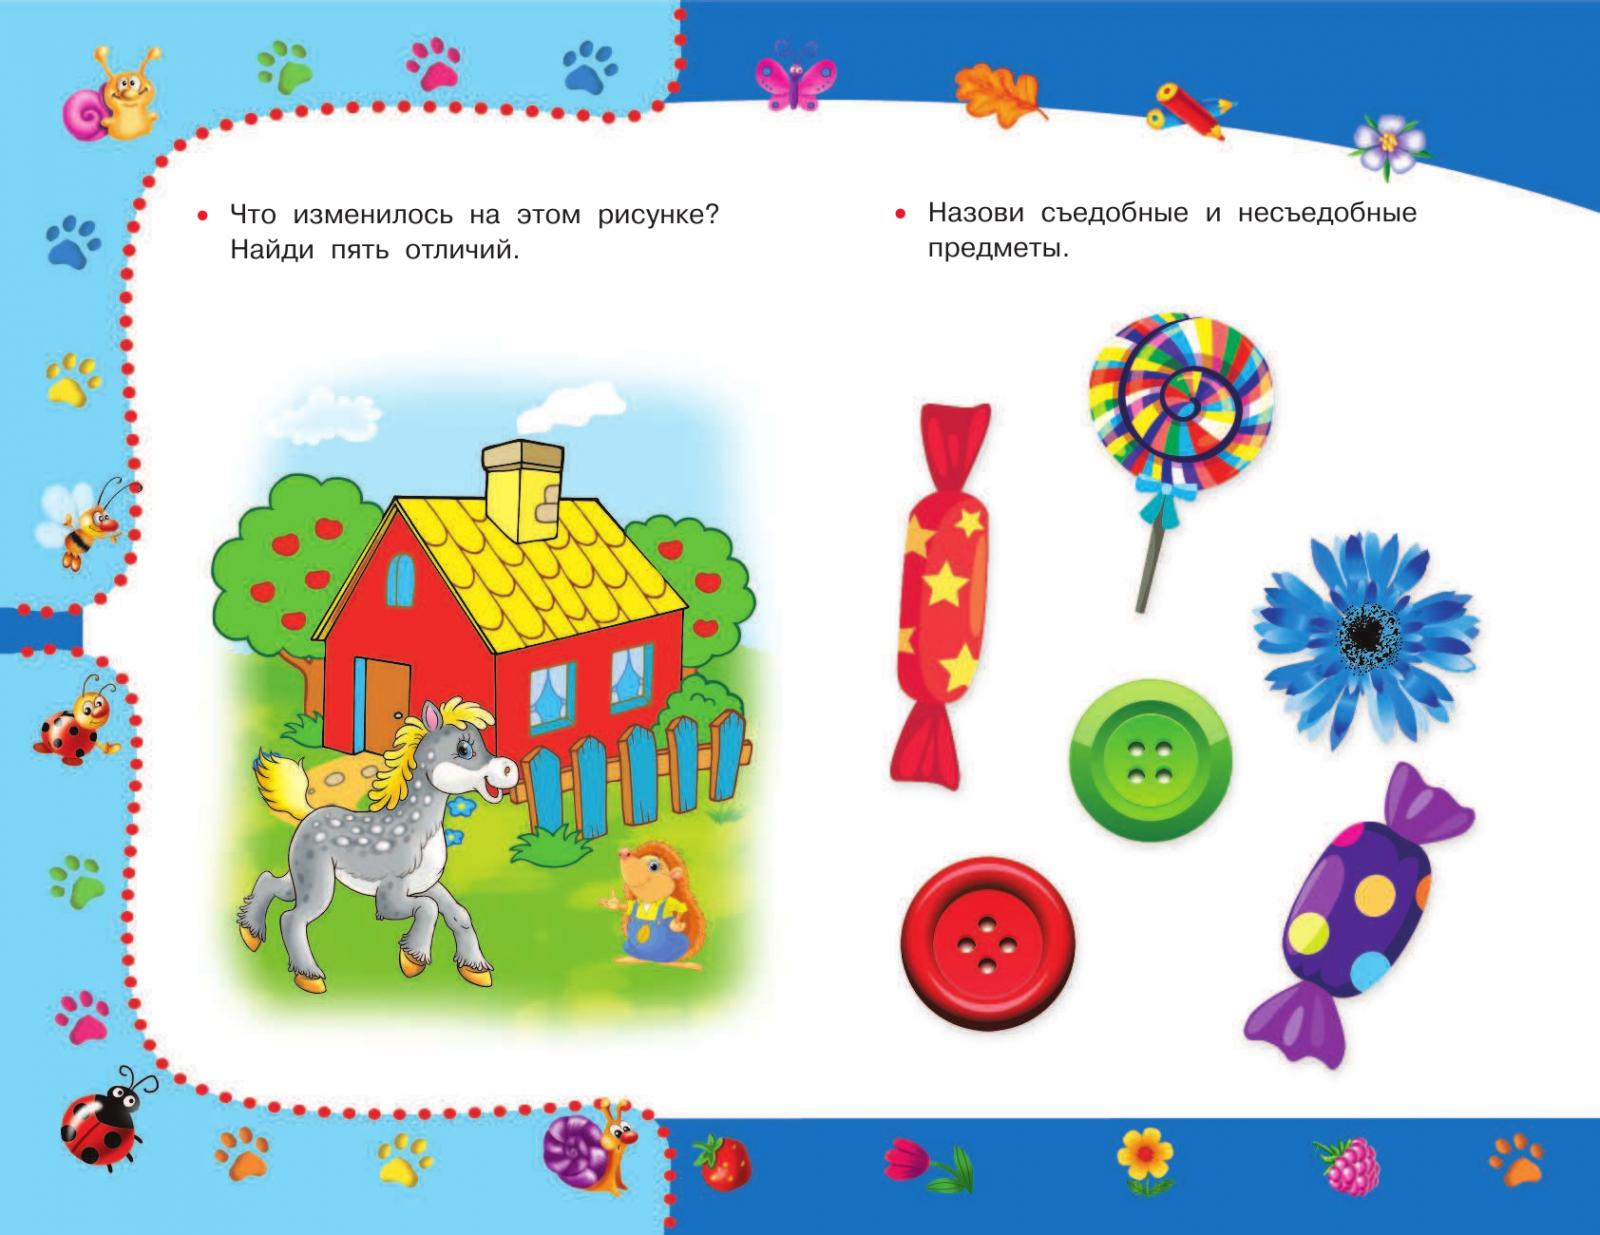 Картинки для детей с надписью логическое мышление, картинки черепом